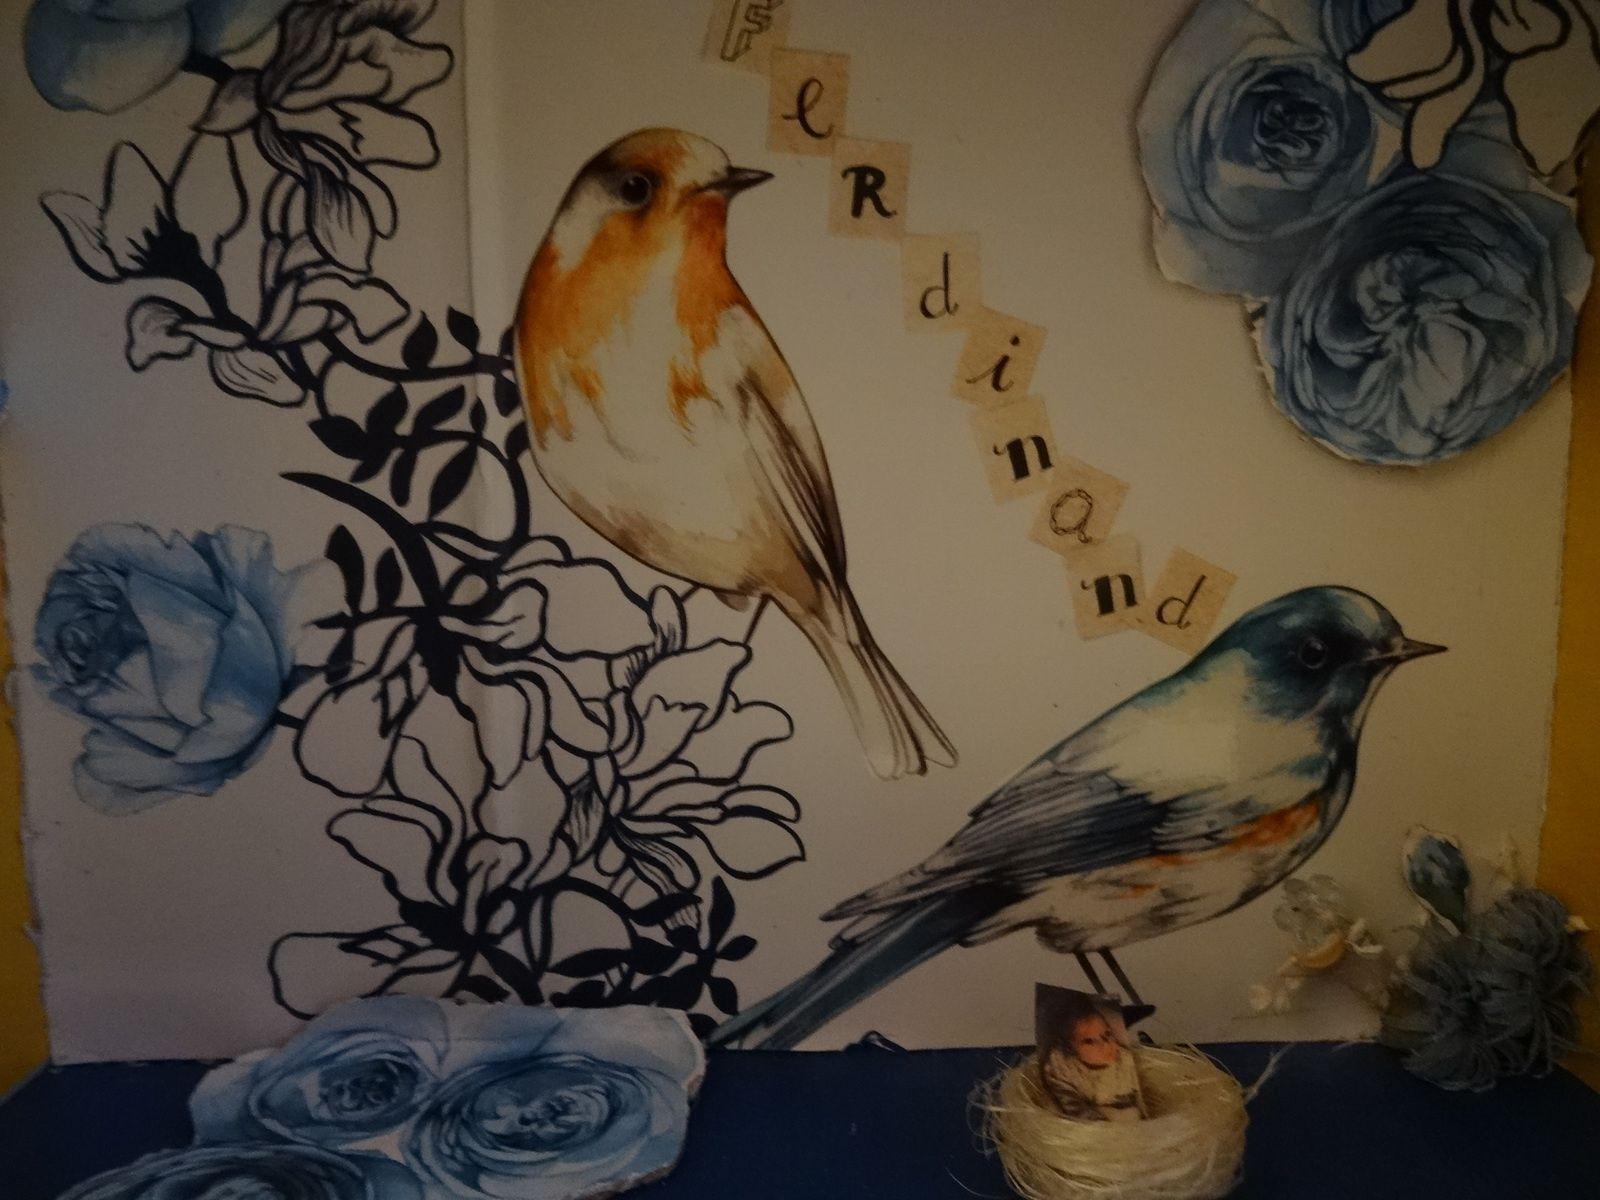 Les zoizeaux et les garcons naissent dans des roses bleues